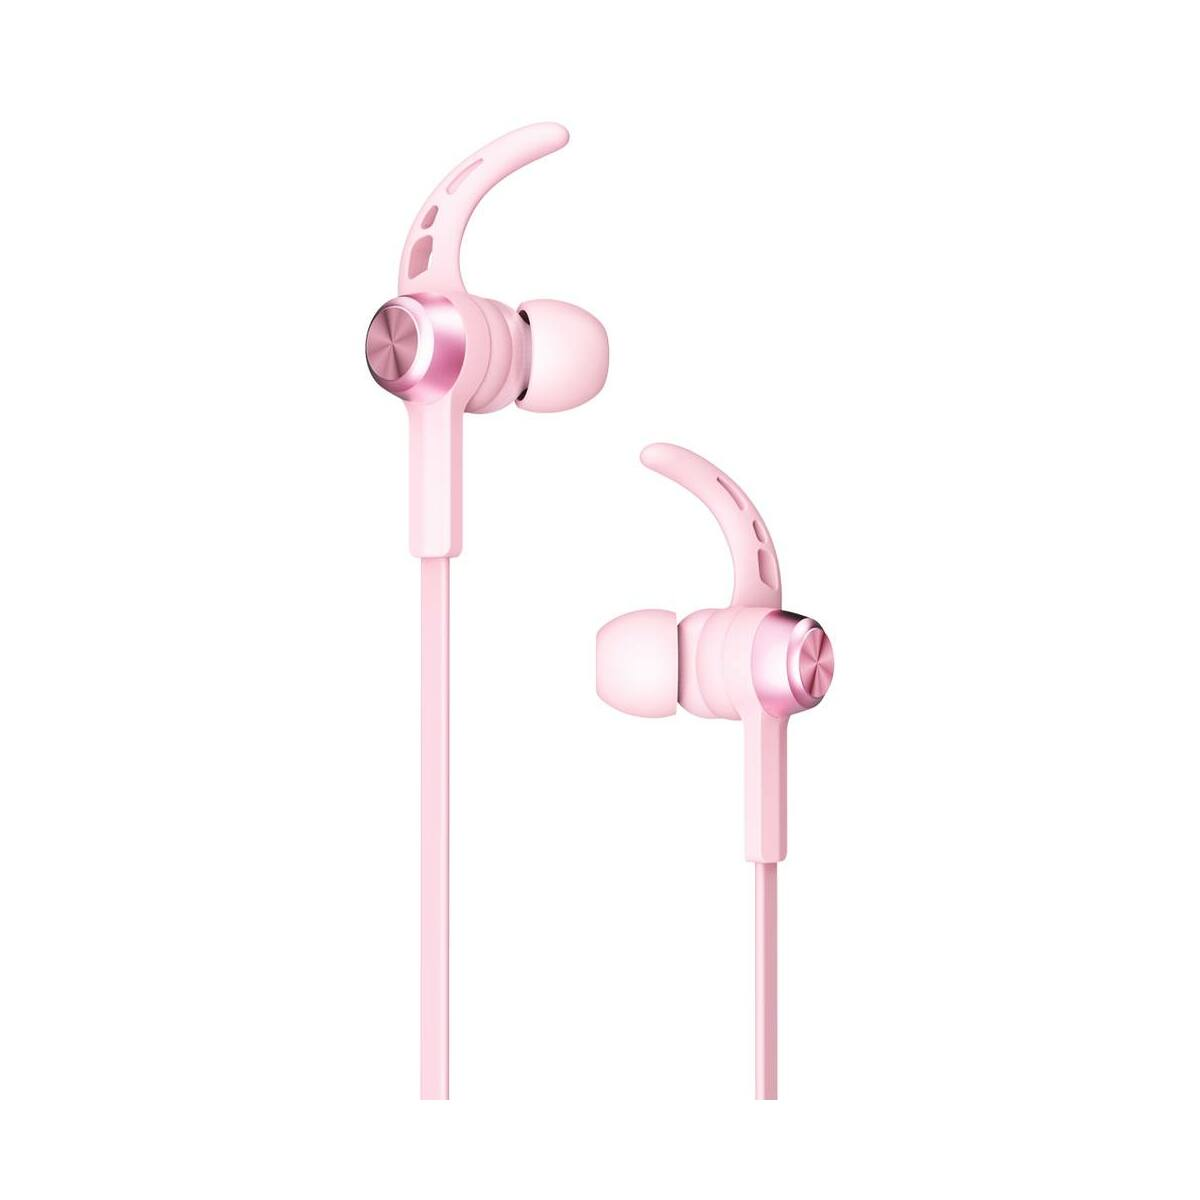 Baseus fülhallgató, Bluetooth Encok B11, Licolor Magnet vezeték nélküli, sakura rózsaszín (NGB11-04)